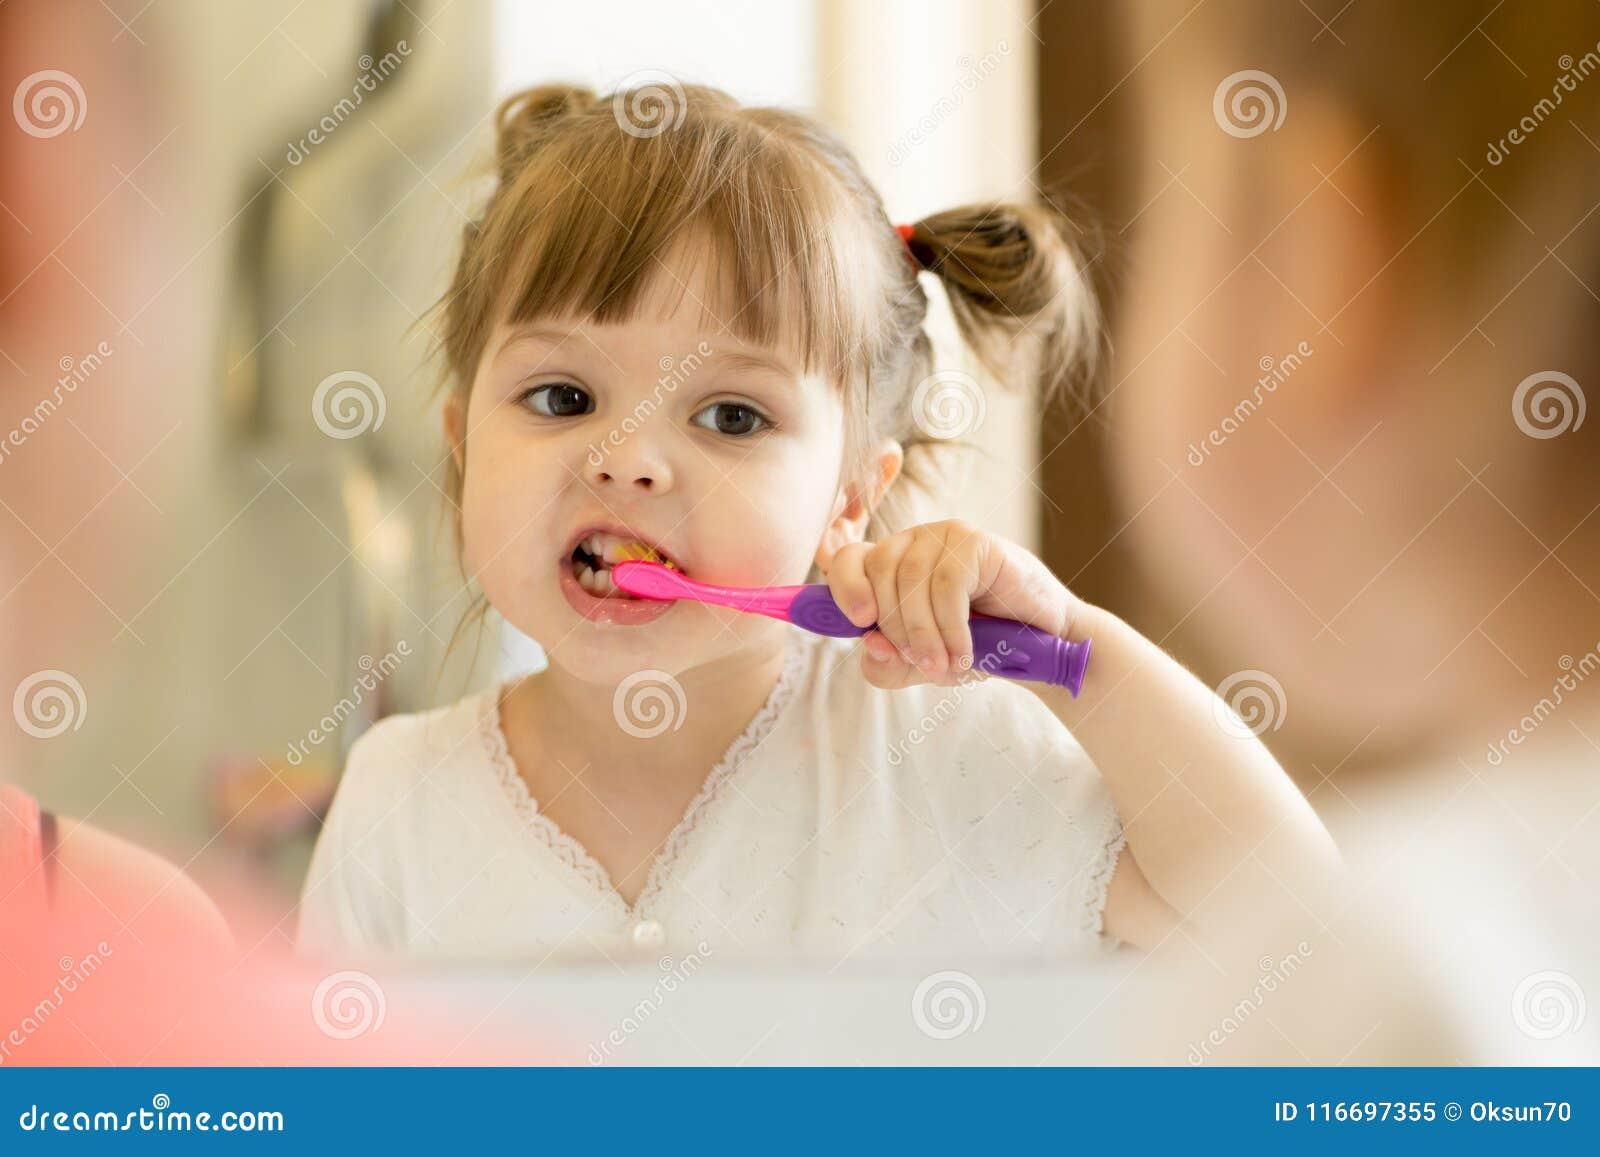 Muchacha linda del niño que mira el espejo usando los dientes de la limpieza del cepillo de dientes en cuarto de baño cada mañana